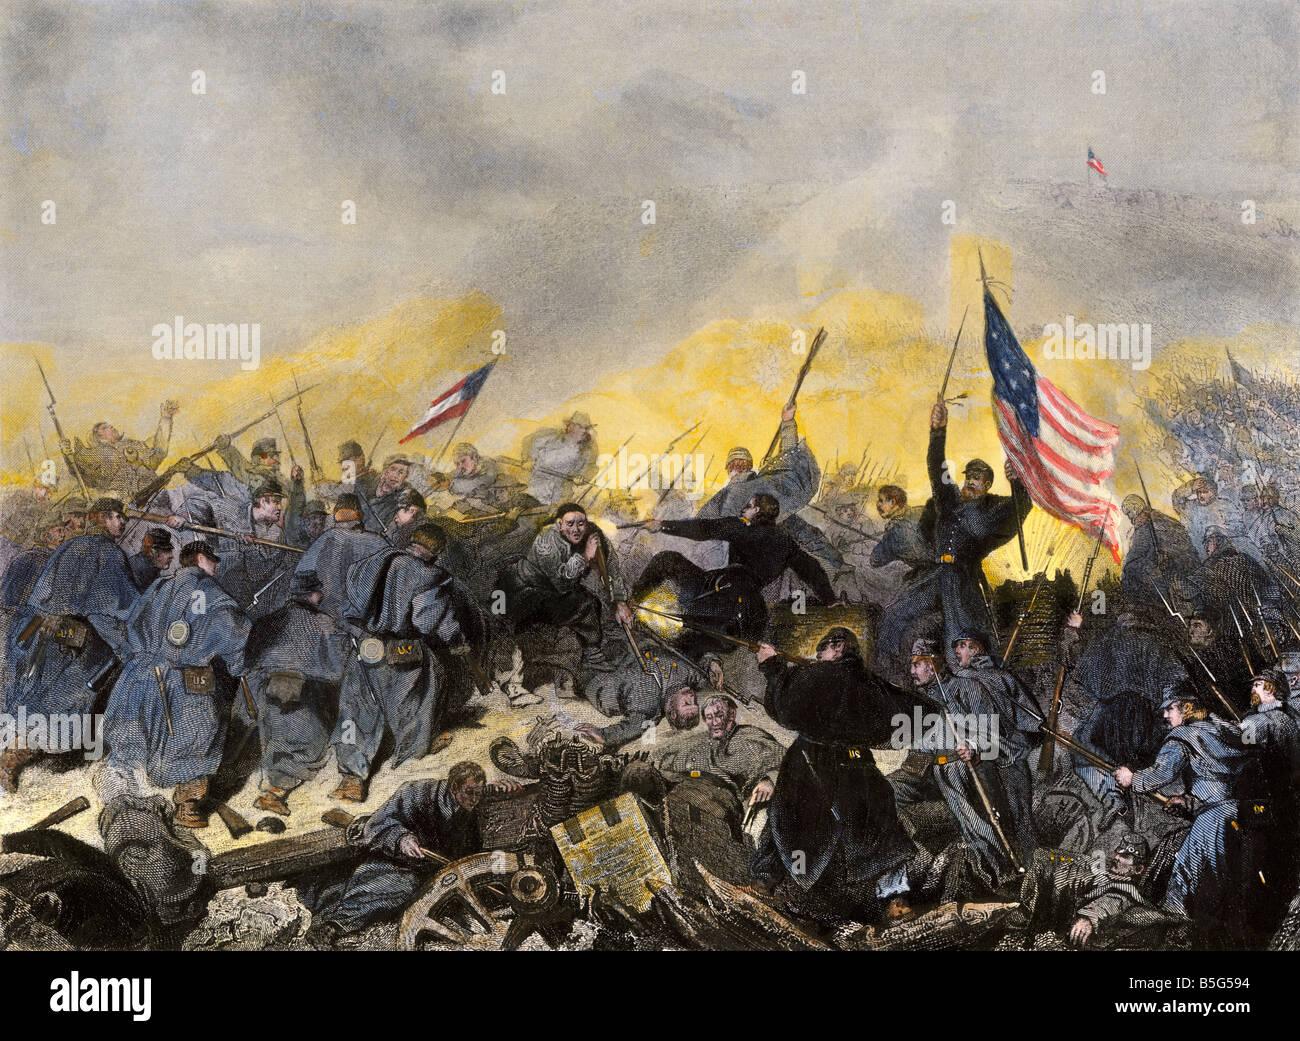 Erfassen von Fort Donelson Tennessee durch Union Truppen unter General US Grant 1862. Handcolorierte Stahlstich Stockbild